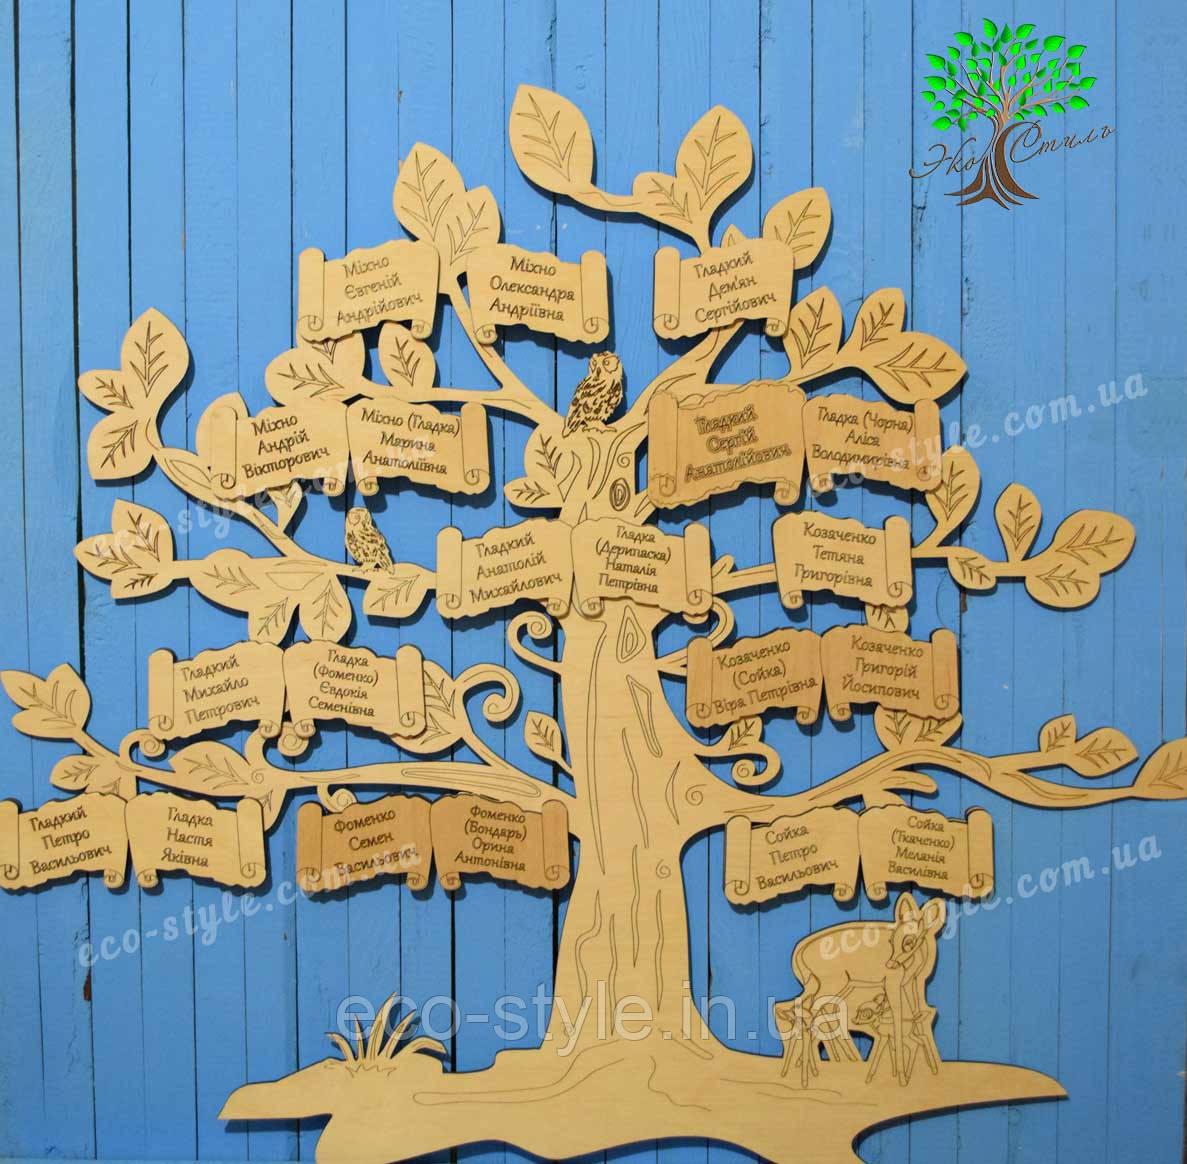 связано тем, генеалогическое древо семьи в иркутске полипропилена